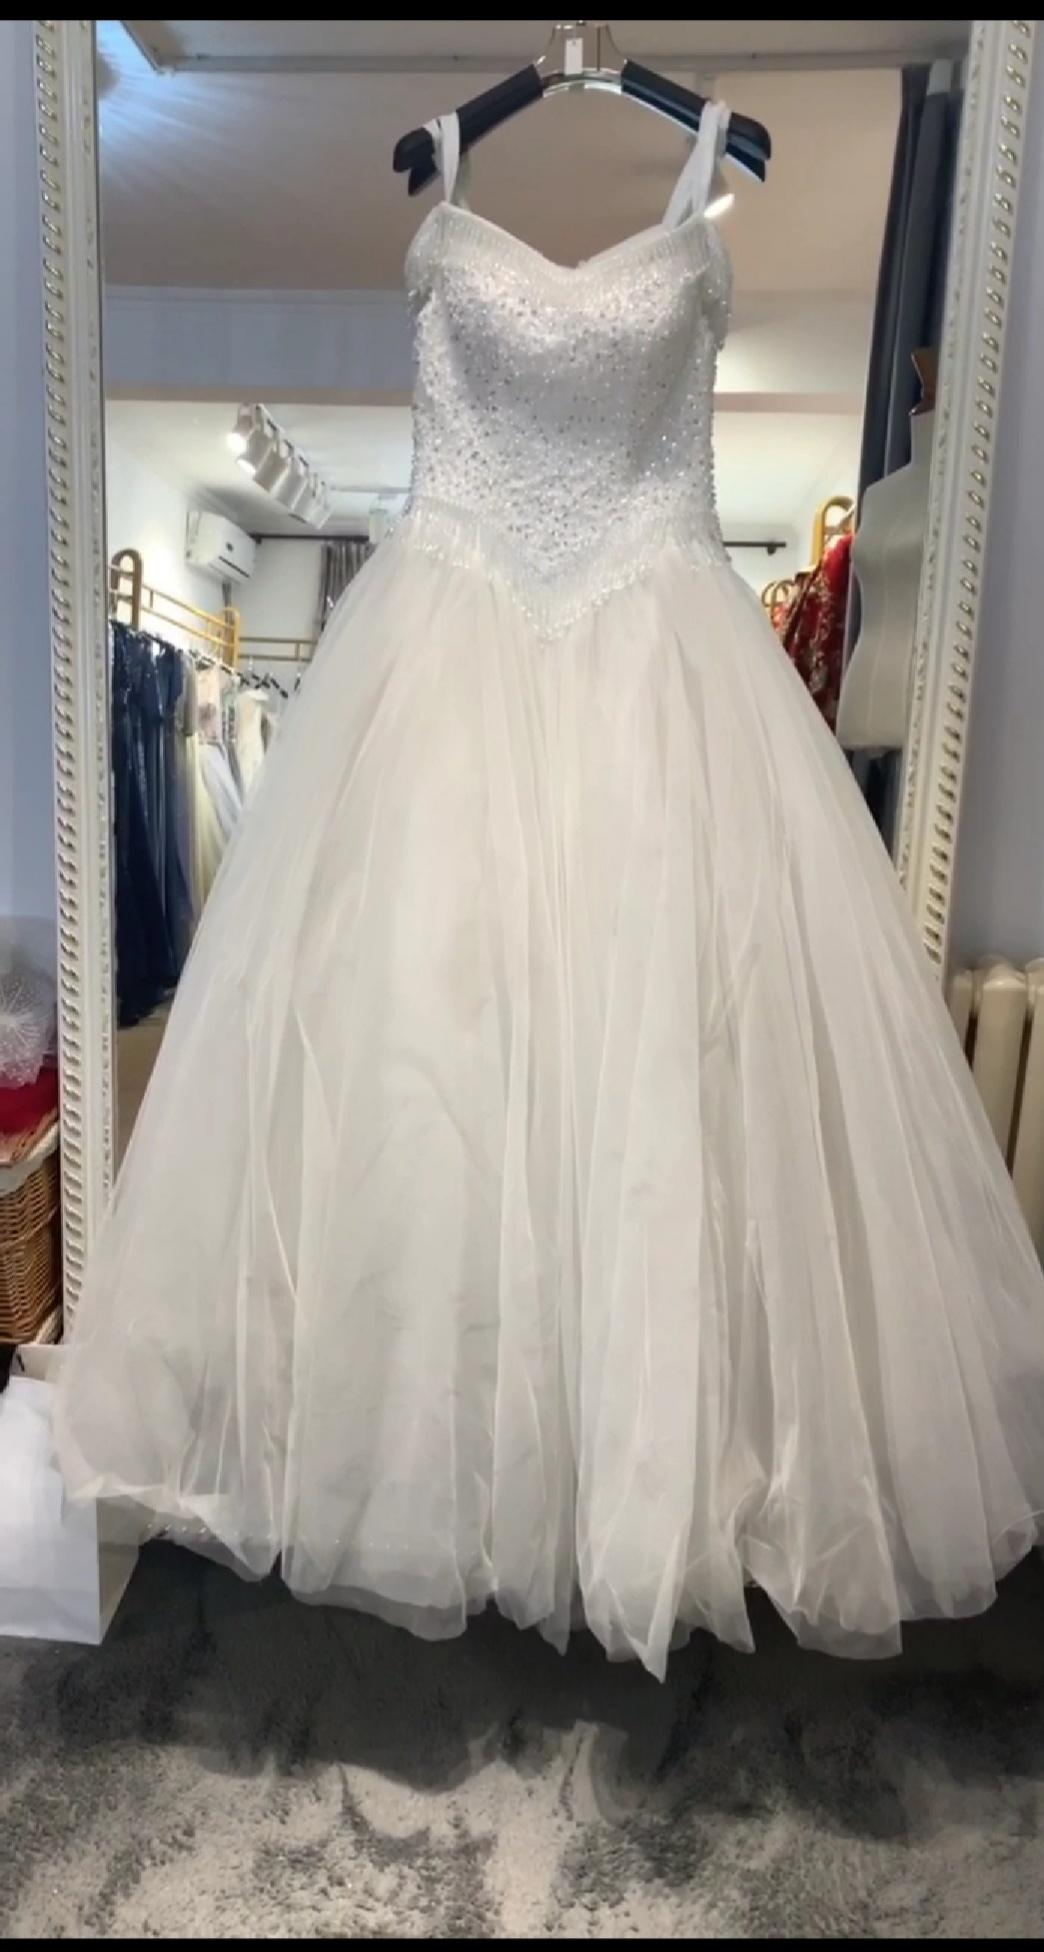 遵义婚纱礼服出租